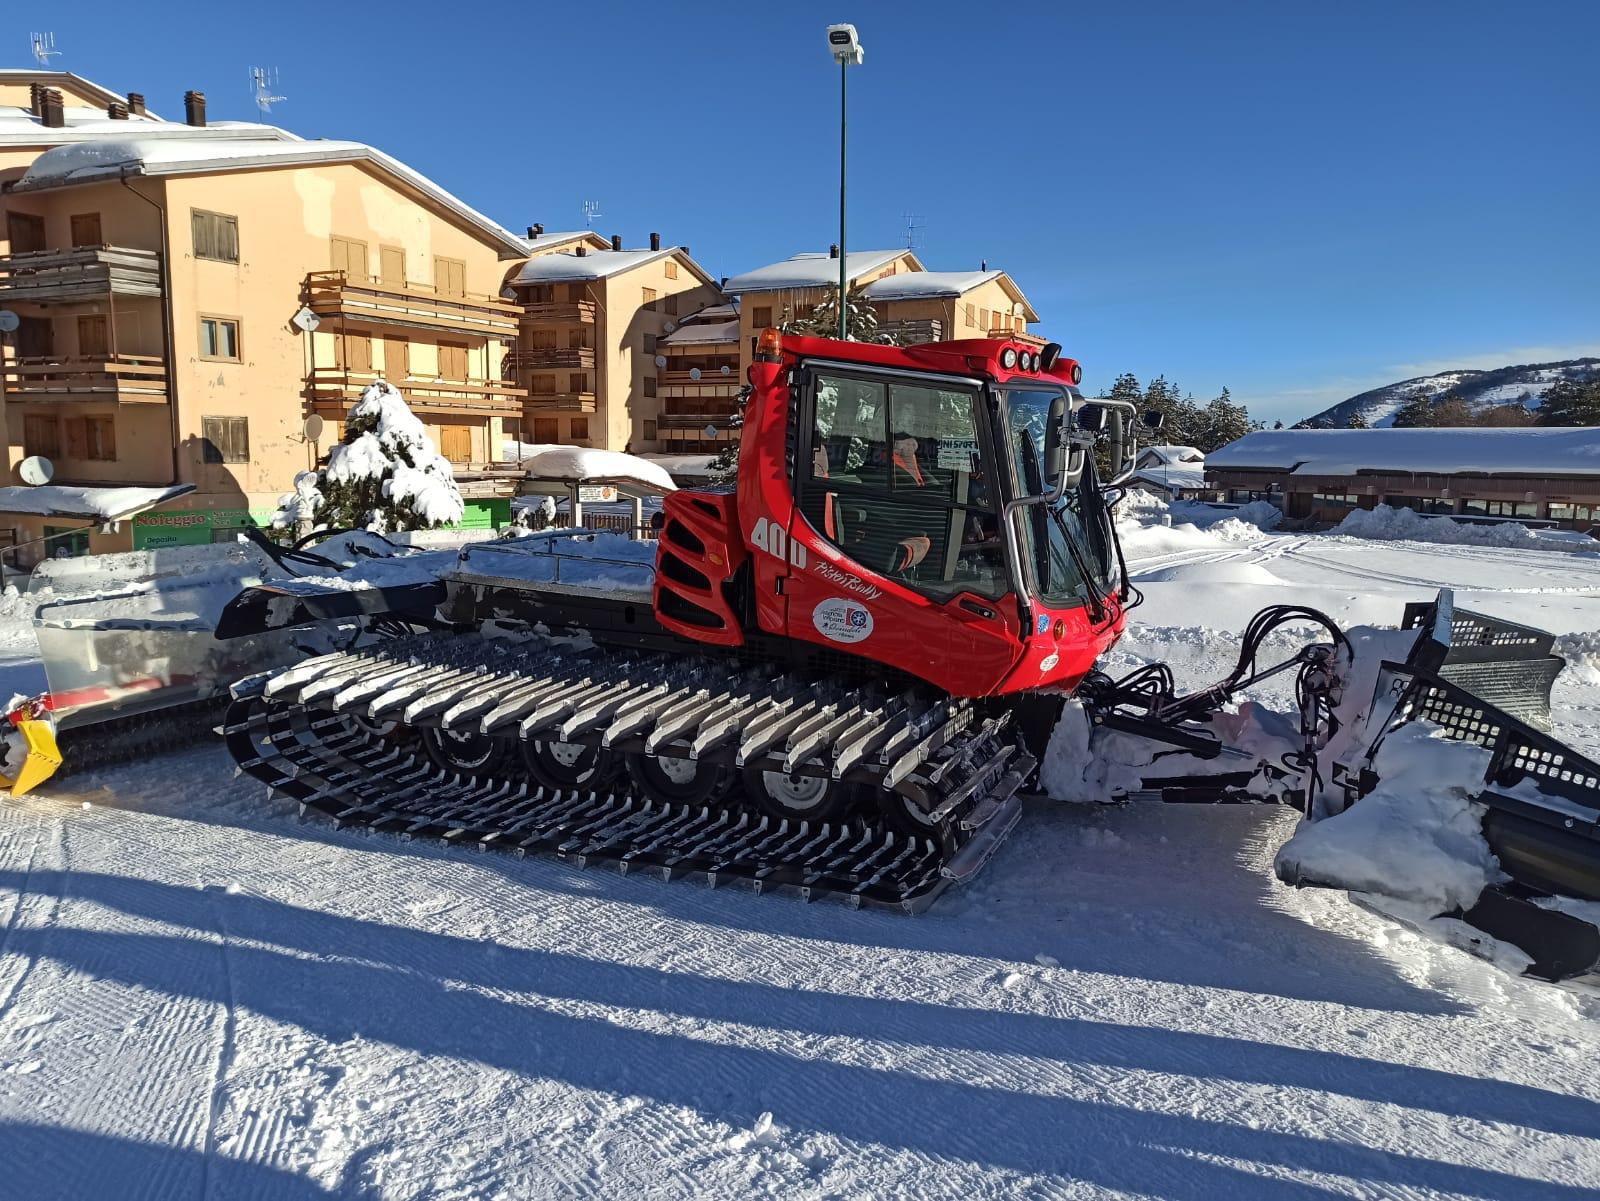 Previsto per domani il trasporto di un gatto delle nevi degli Impianti Monte Magnola sul luogo di ricerca dei dispersi